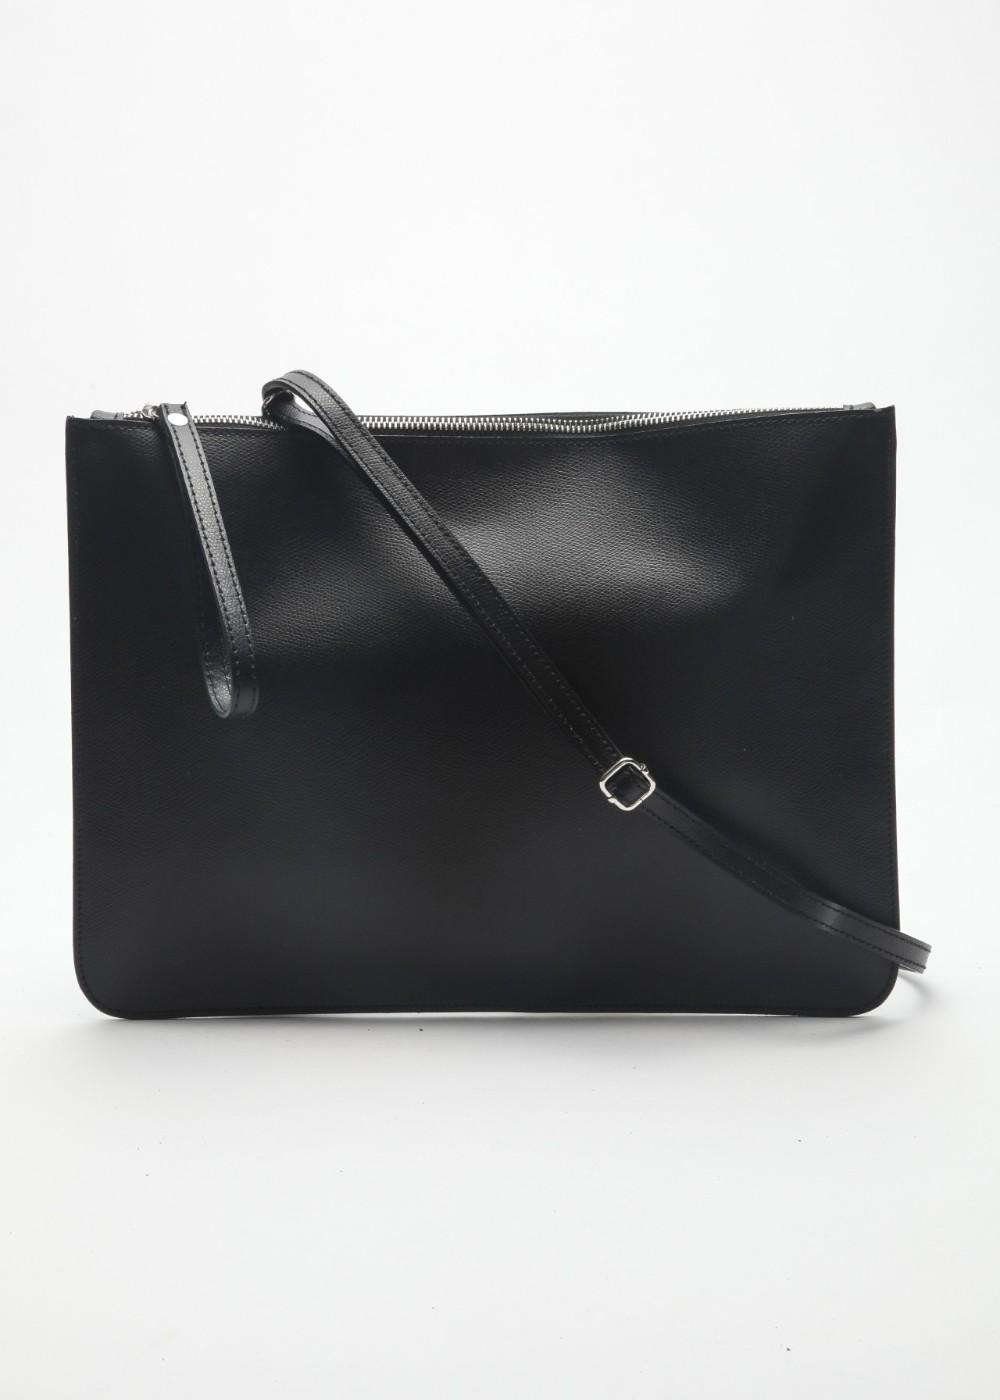 イタリアンカーフバッグ ブラック - #1